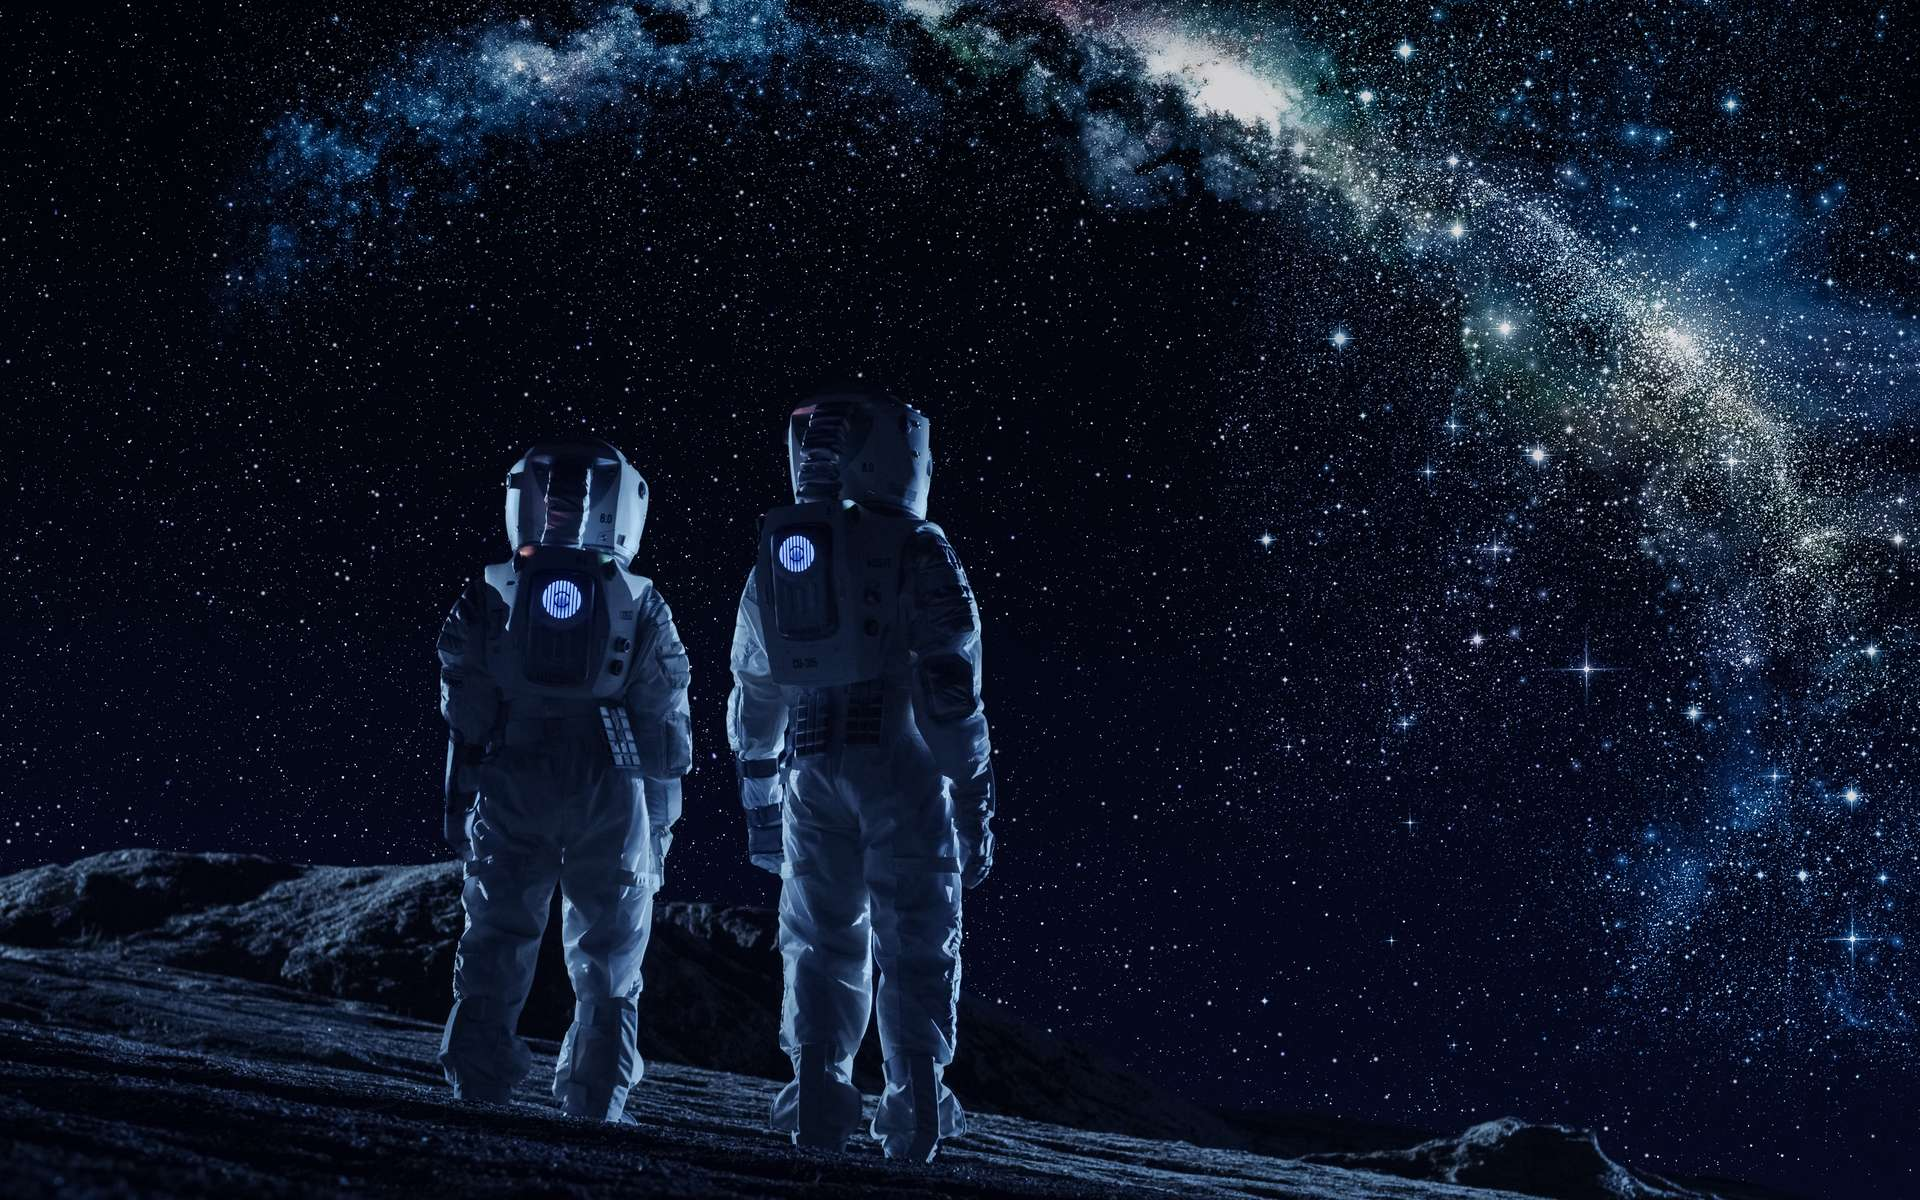 Avec le président Joe Biden, les plans de l'exploration spatiale américaine vont-ils changer ? © Gorodenkoff, Adobe Stock